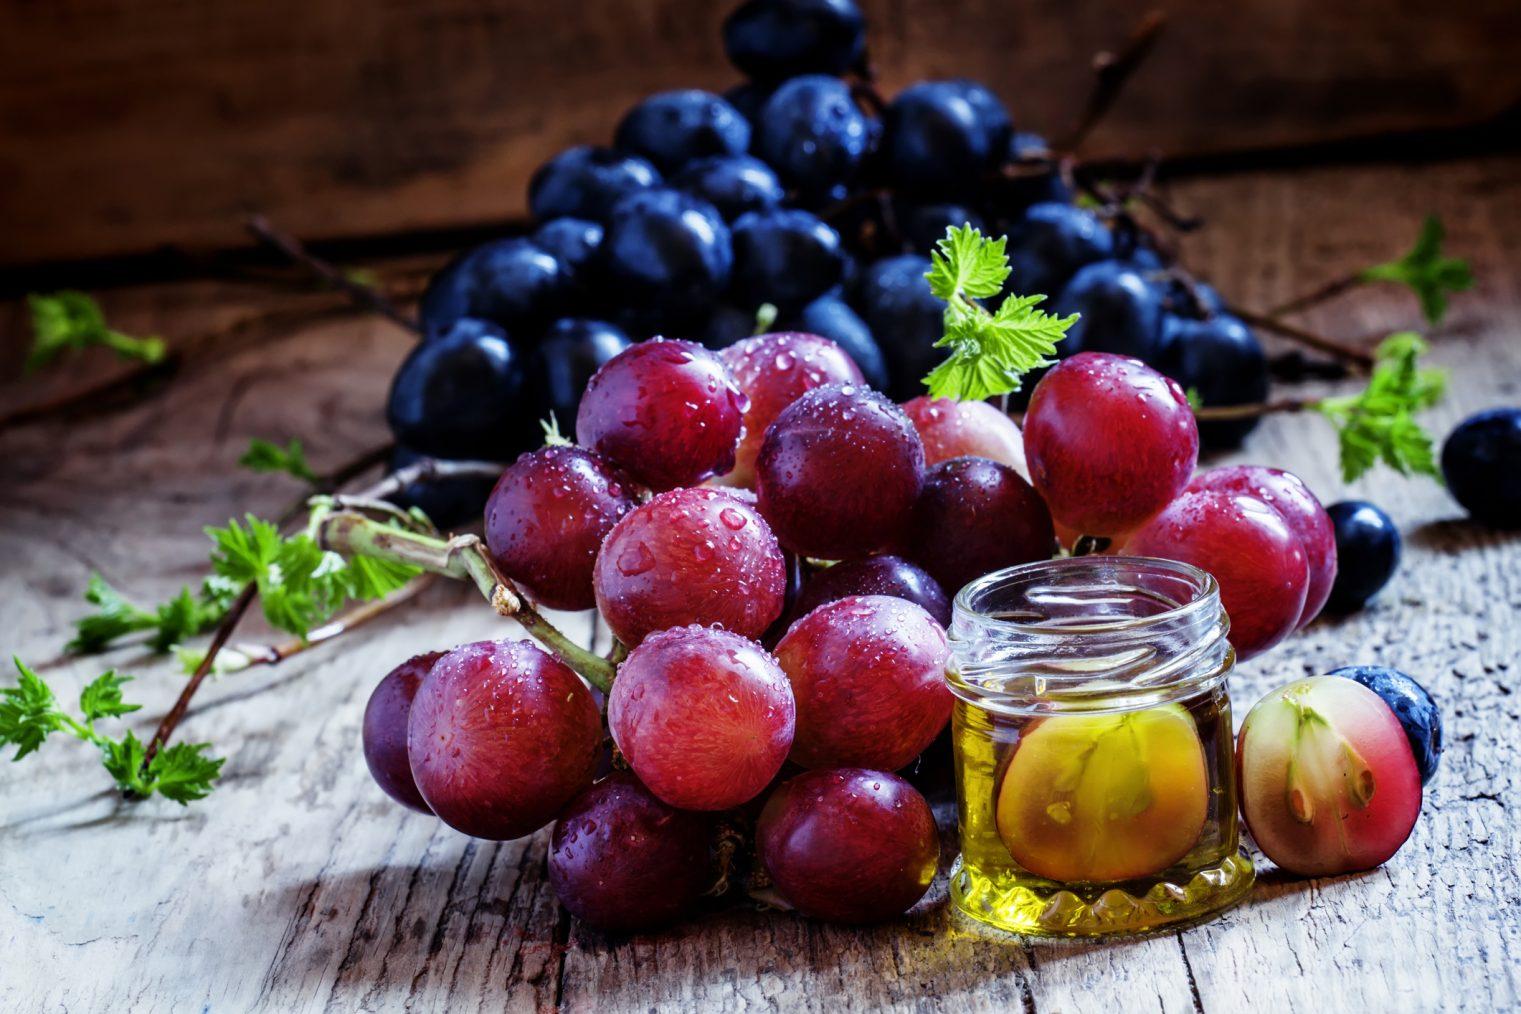 aceite de pepita de uva